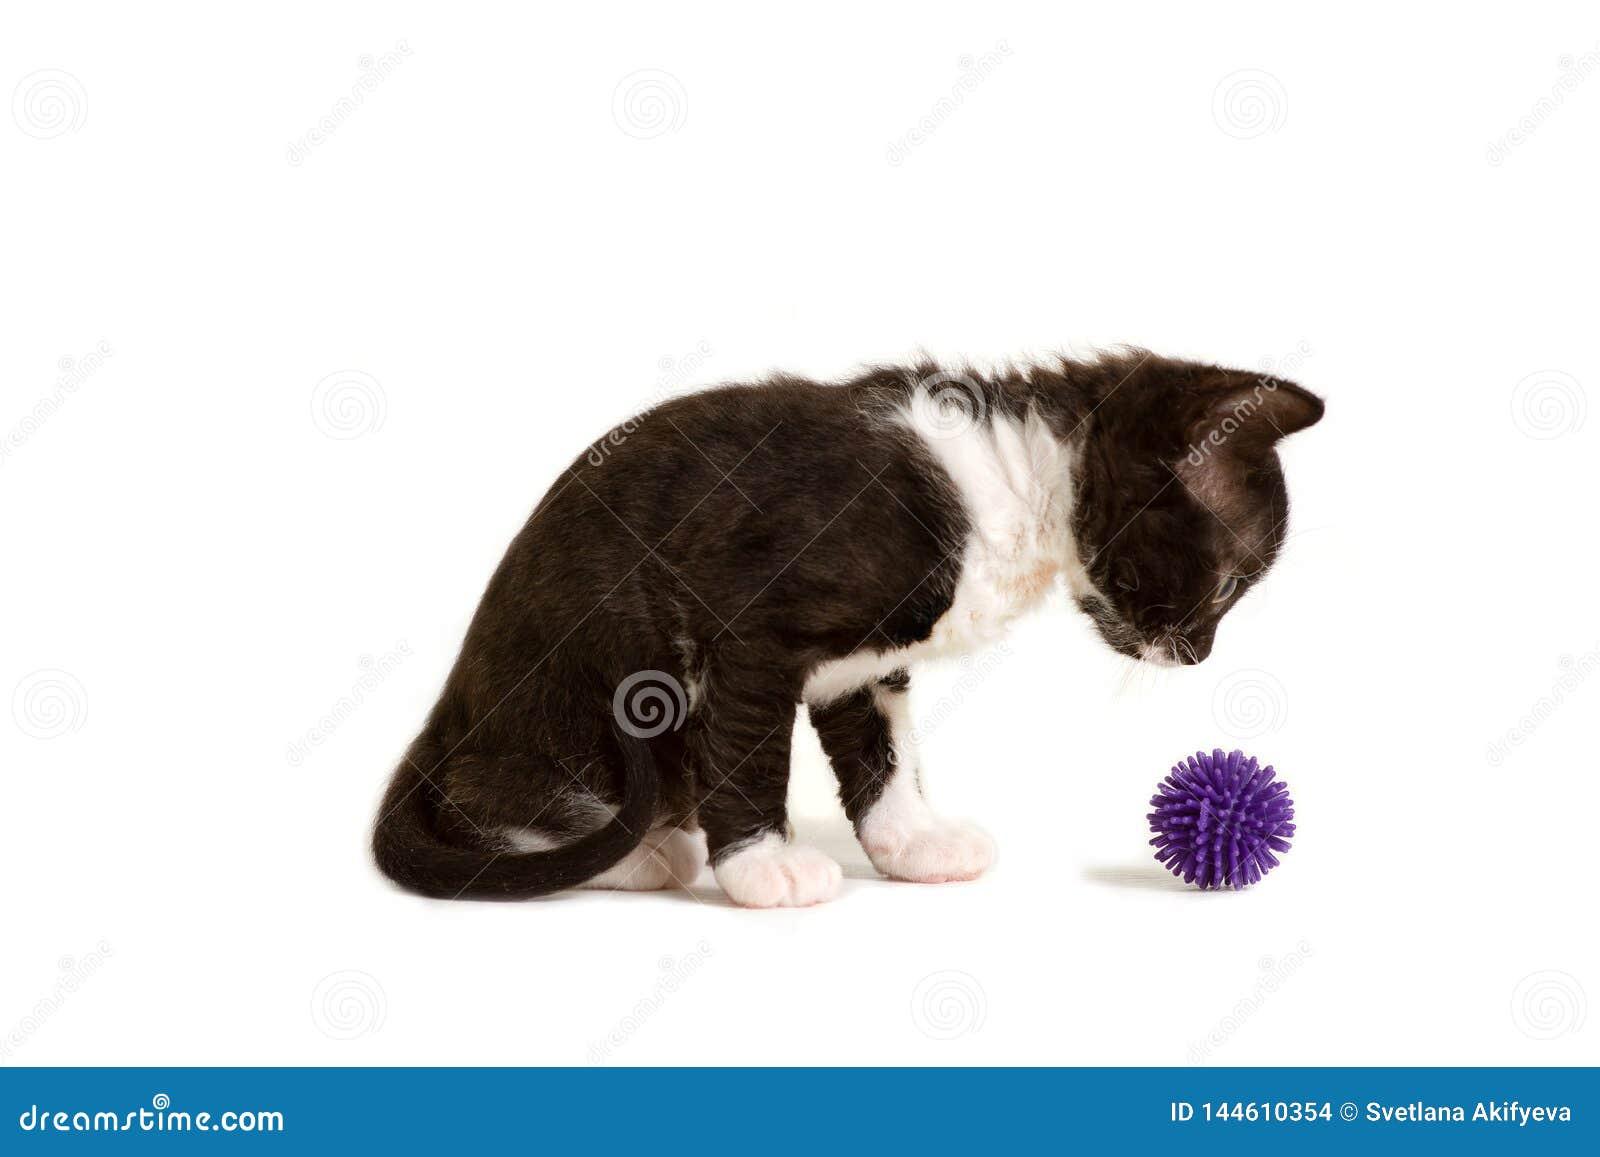 Weinig die katje Ural Rex zit en bekijkt de bal op wit wordt geïsoleerd Kleur: zwarte tweekleurig